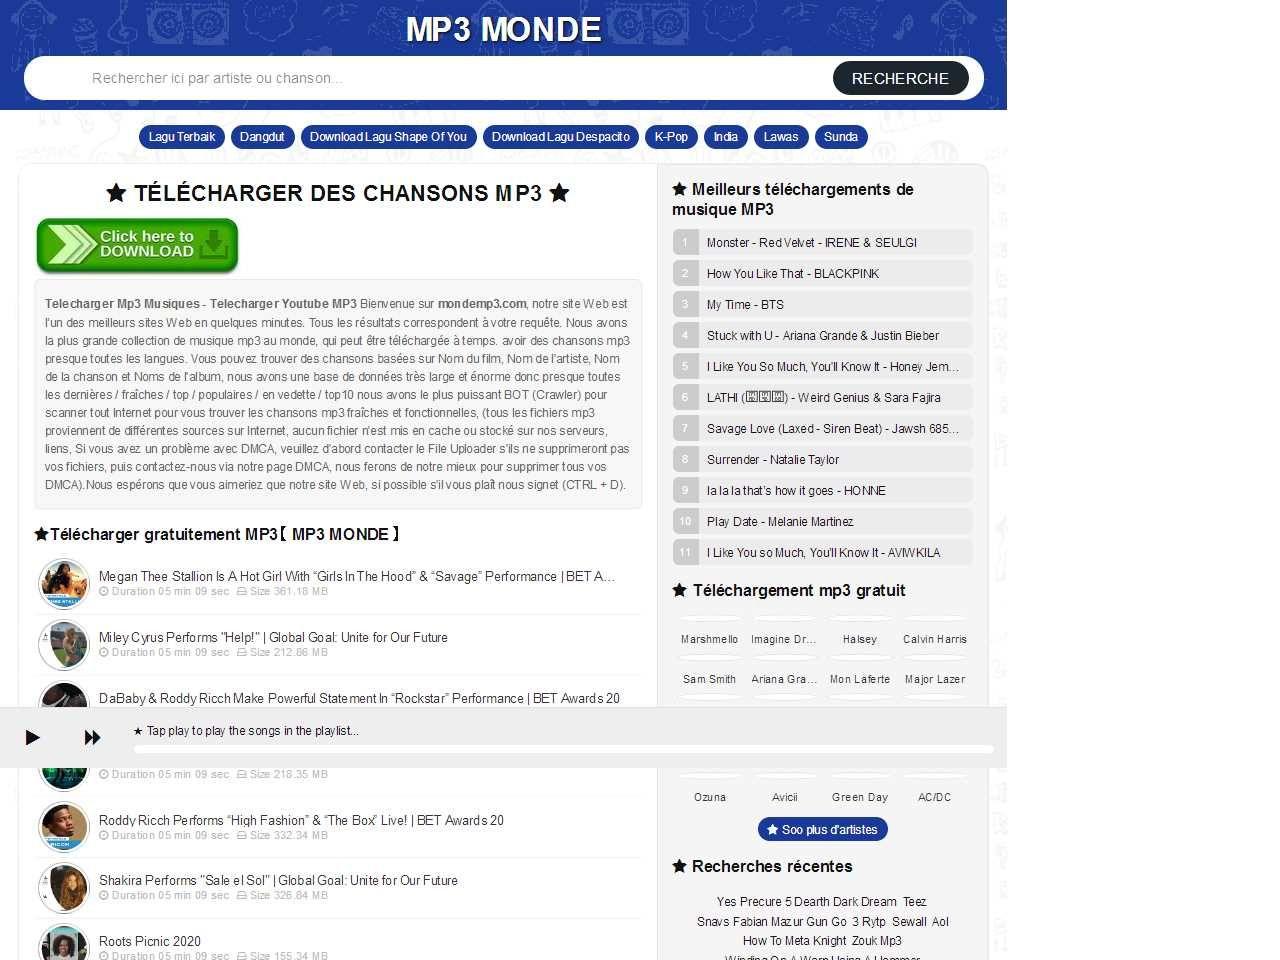 Télécharger MP3 Gratuit Telecharger Youtube MP3【 Mp3 Monde